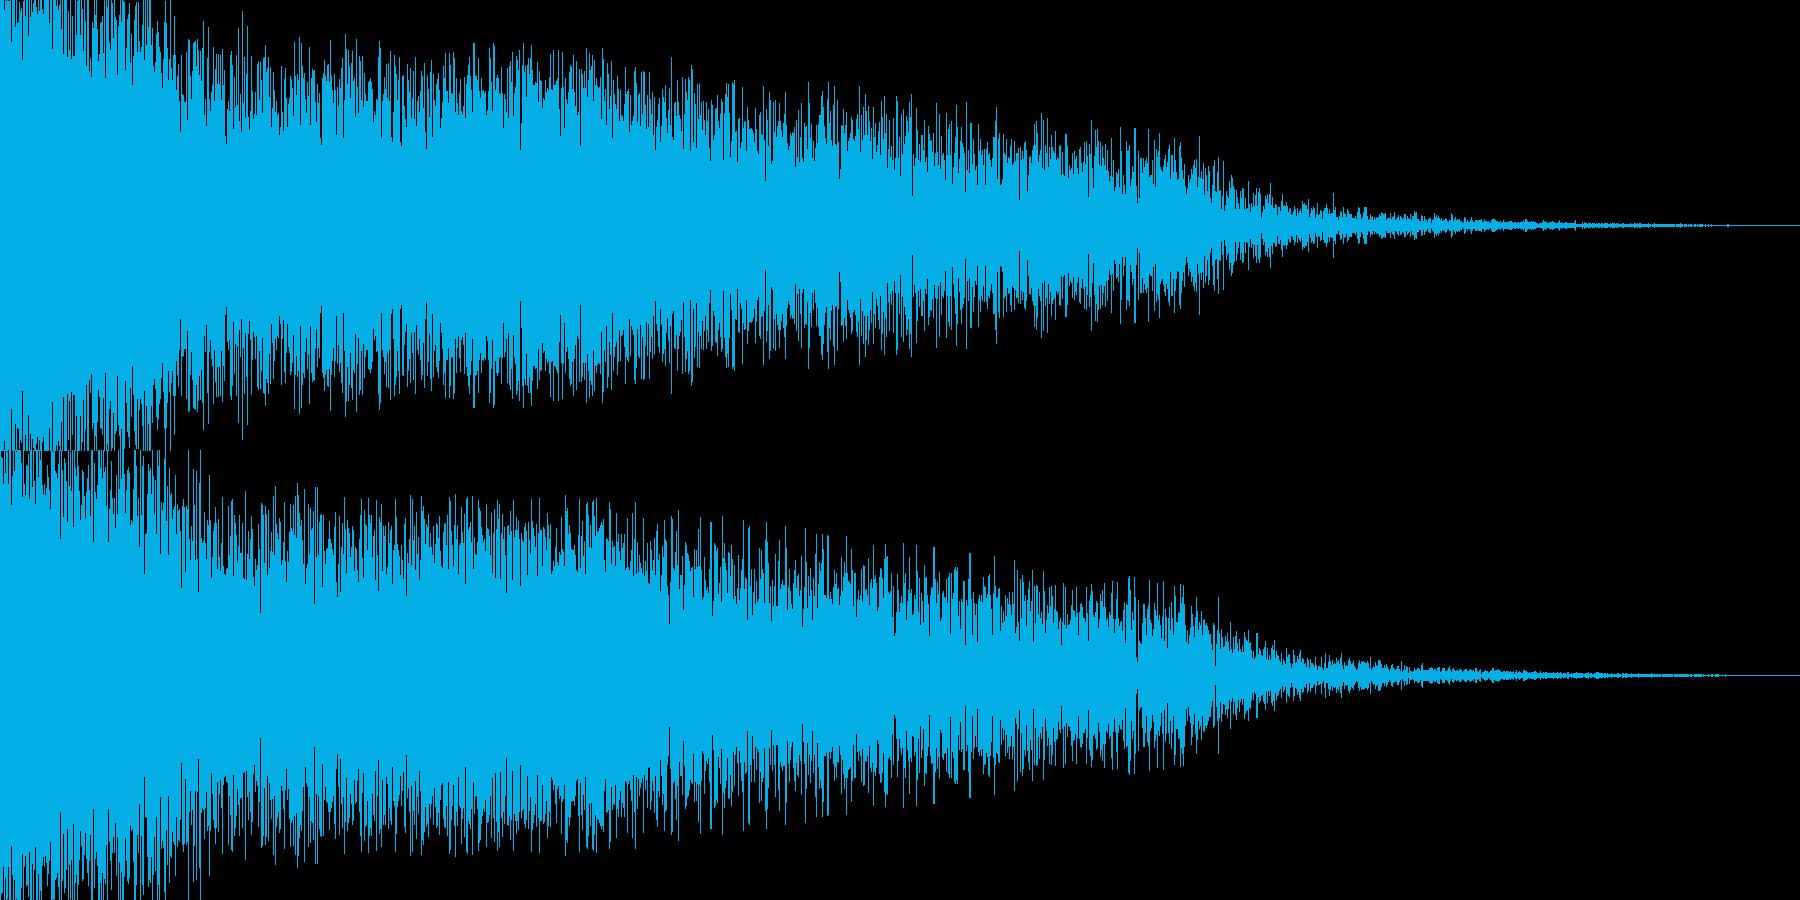 ドーンという音の後に衝撃波のようなものの再生済みの波形